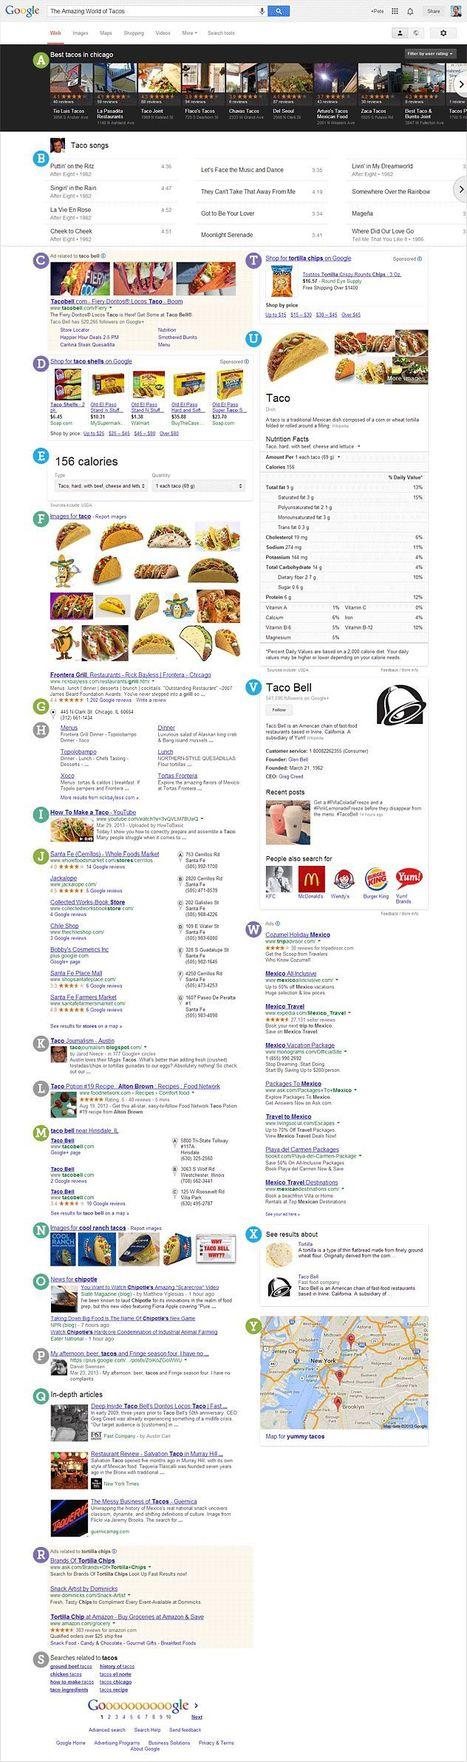 Le SEO est mort ? Non, il a simplement évolué - Blogue SEO, PPC et Marketing Internet | David Carle HQ | Veille communication web | Scoop.it